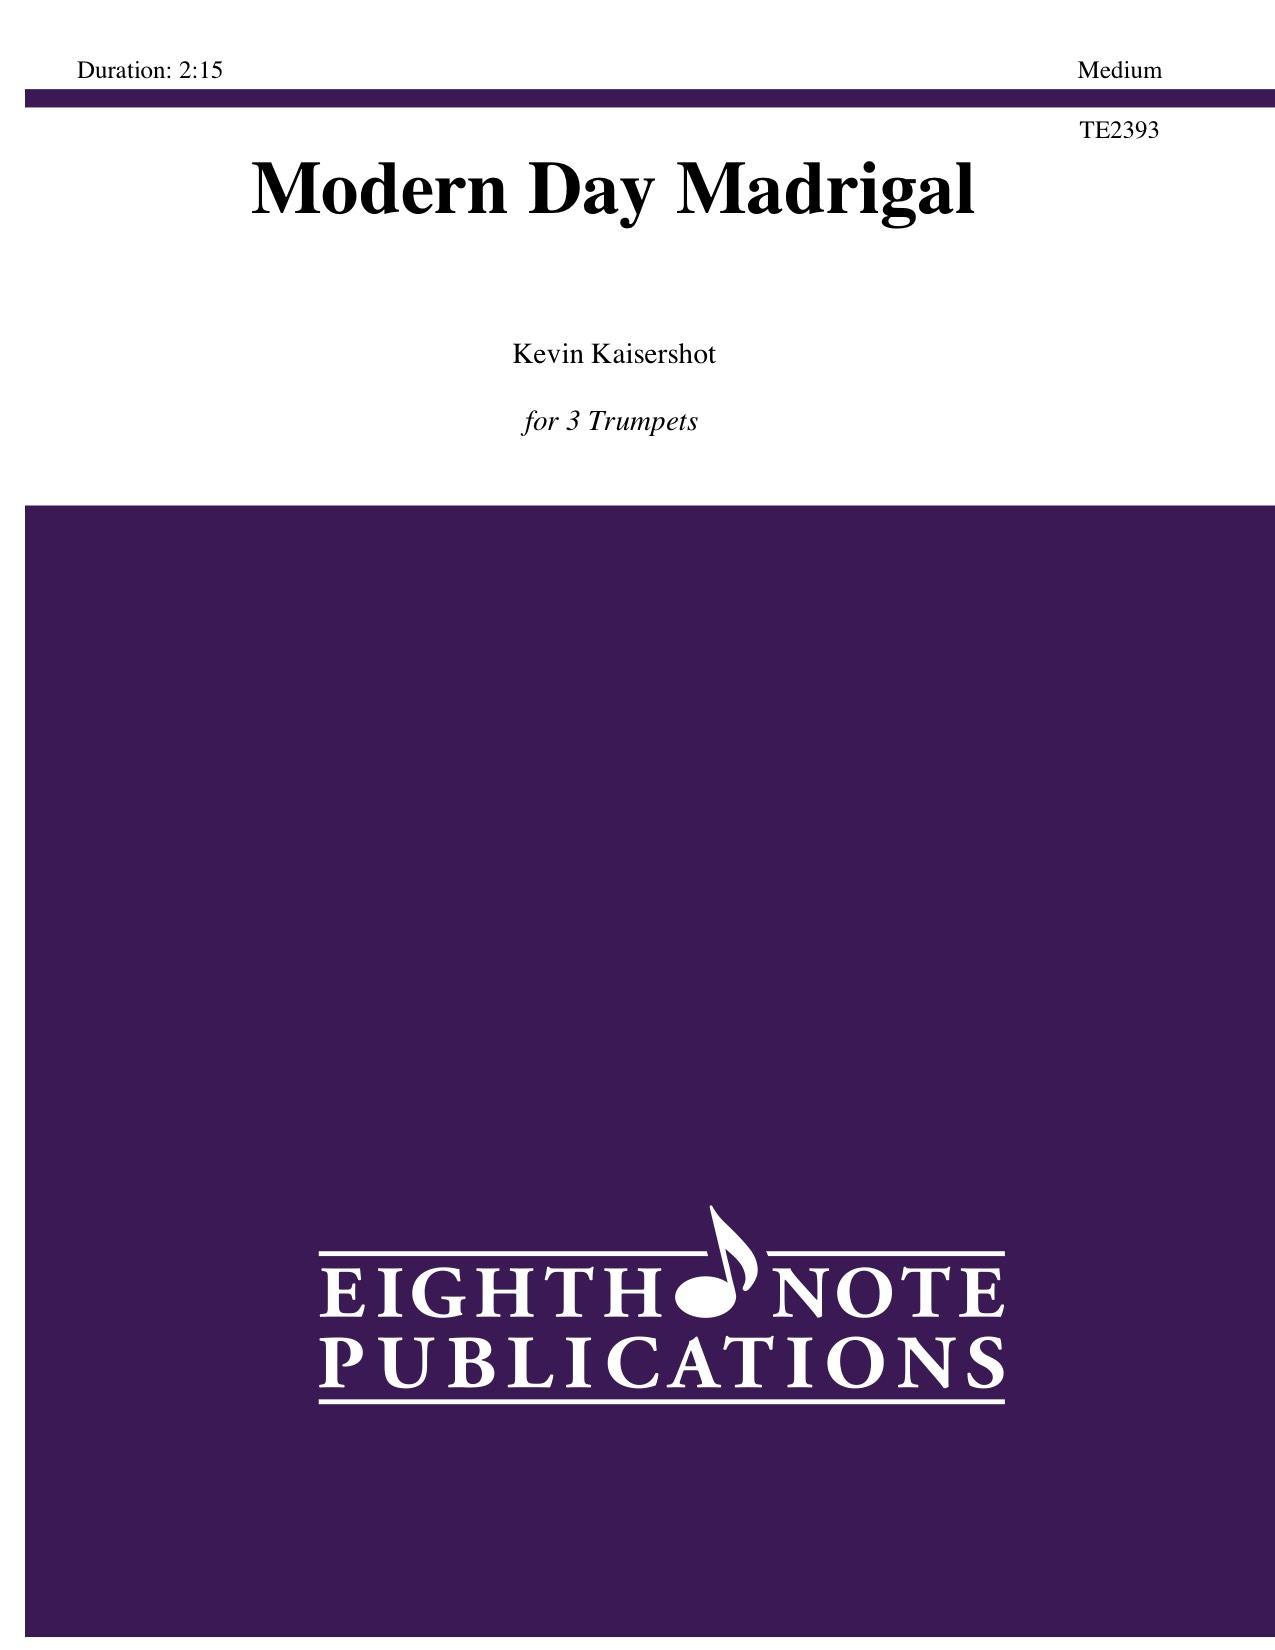 Modern Day Madrigal  - Kevin Kaisershot